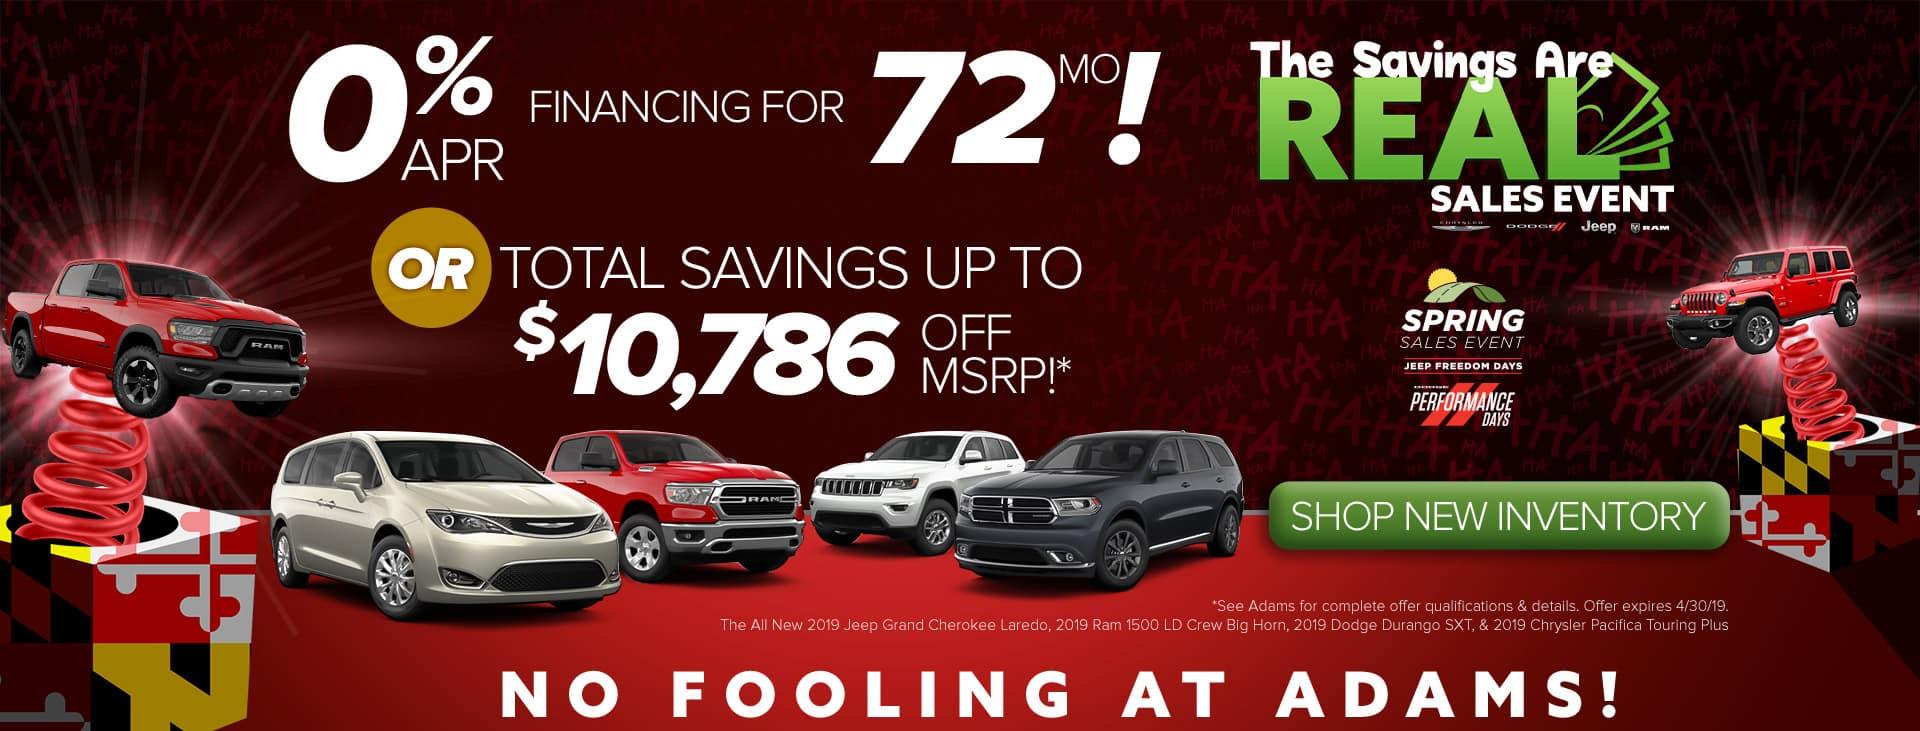 No fooling, just savings!